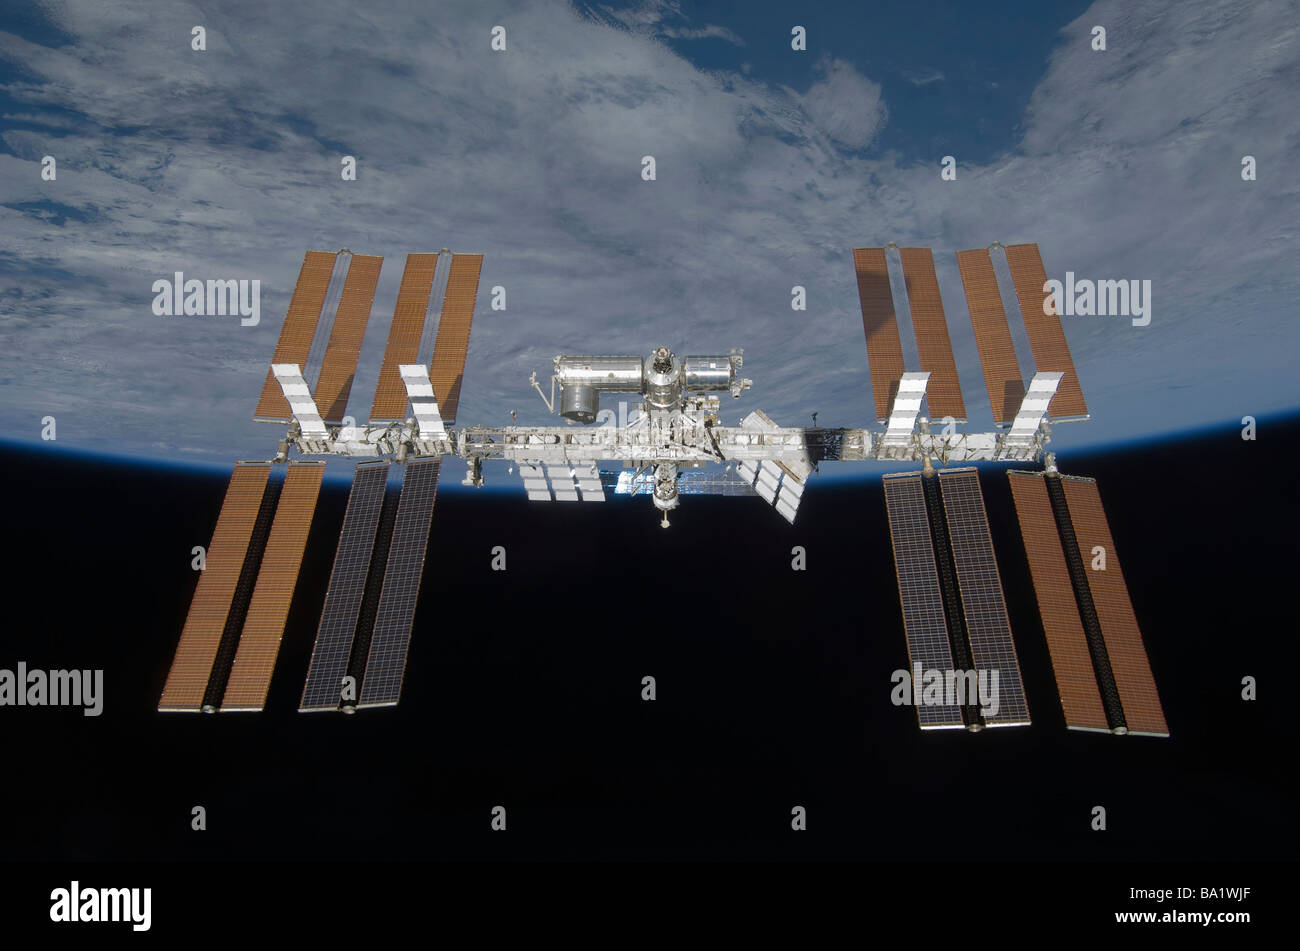 25 mars 2009 - La Station spatiale internationale, backdropped par la noirceur de l'espace et l'horizon Photo Stock